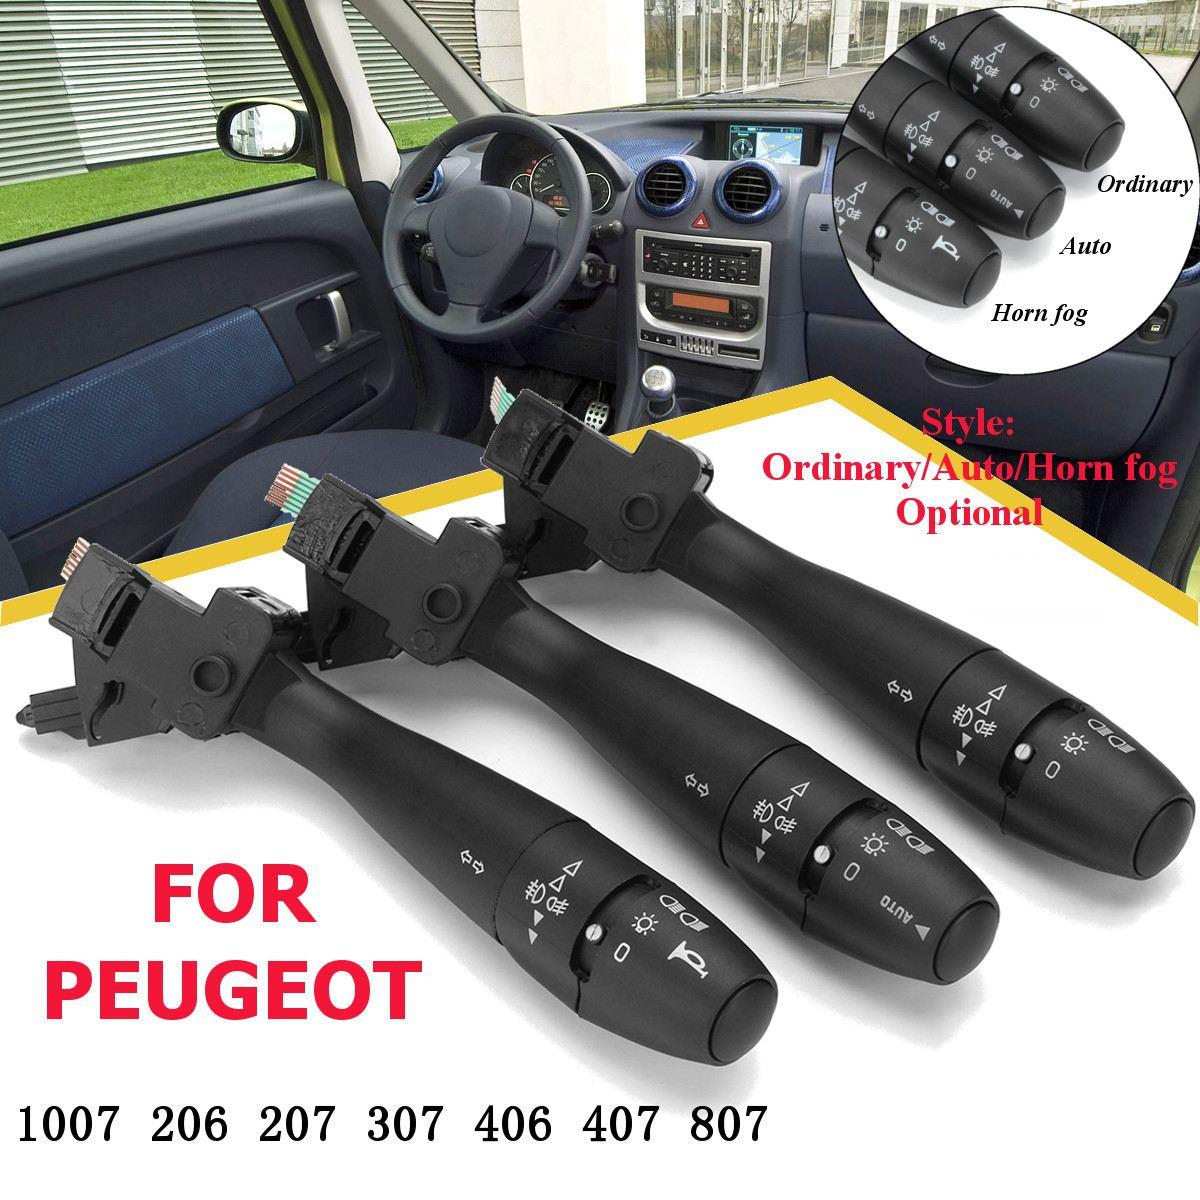 96477533XT Blinker Kontroll Schalter Horn/Auto Für PEUGEOT 1007 206 207 307 406 407 807